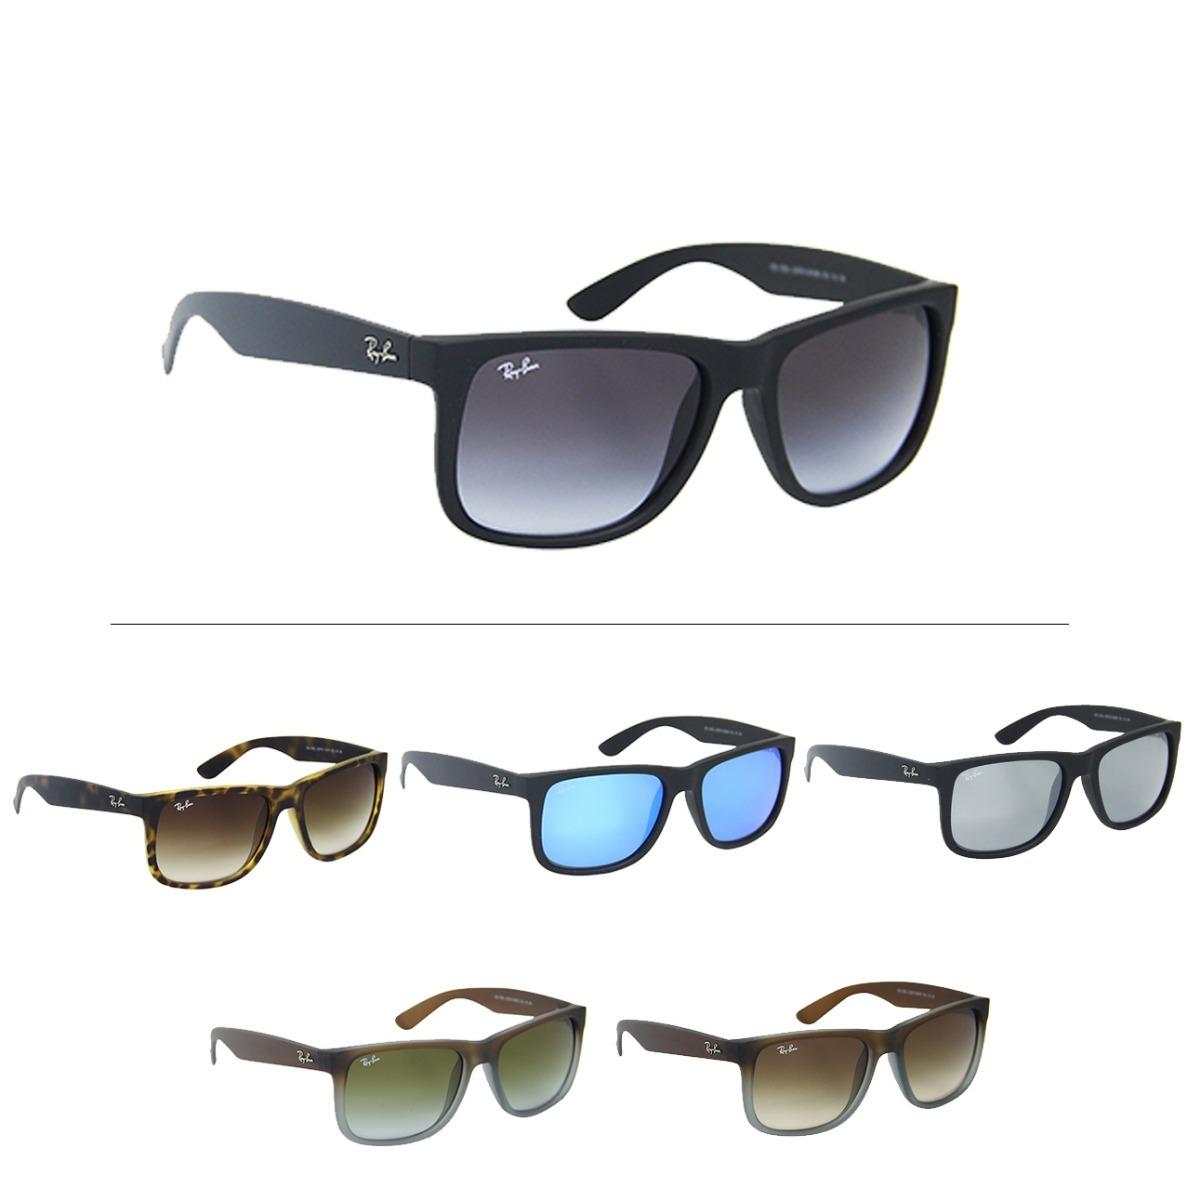 17645c27276d8 óculos de sol unissex ray ban rb 4165 original. Carregando zoom.